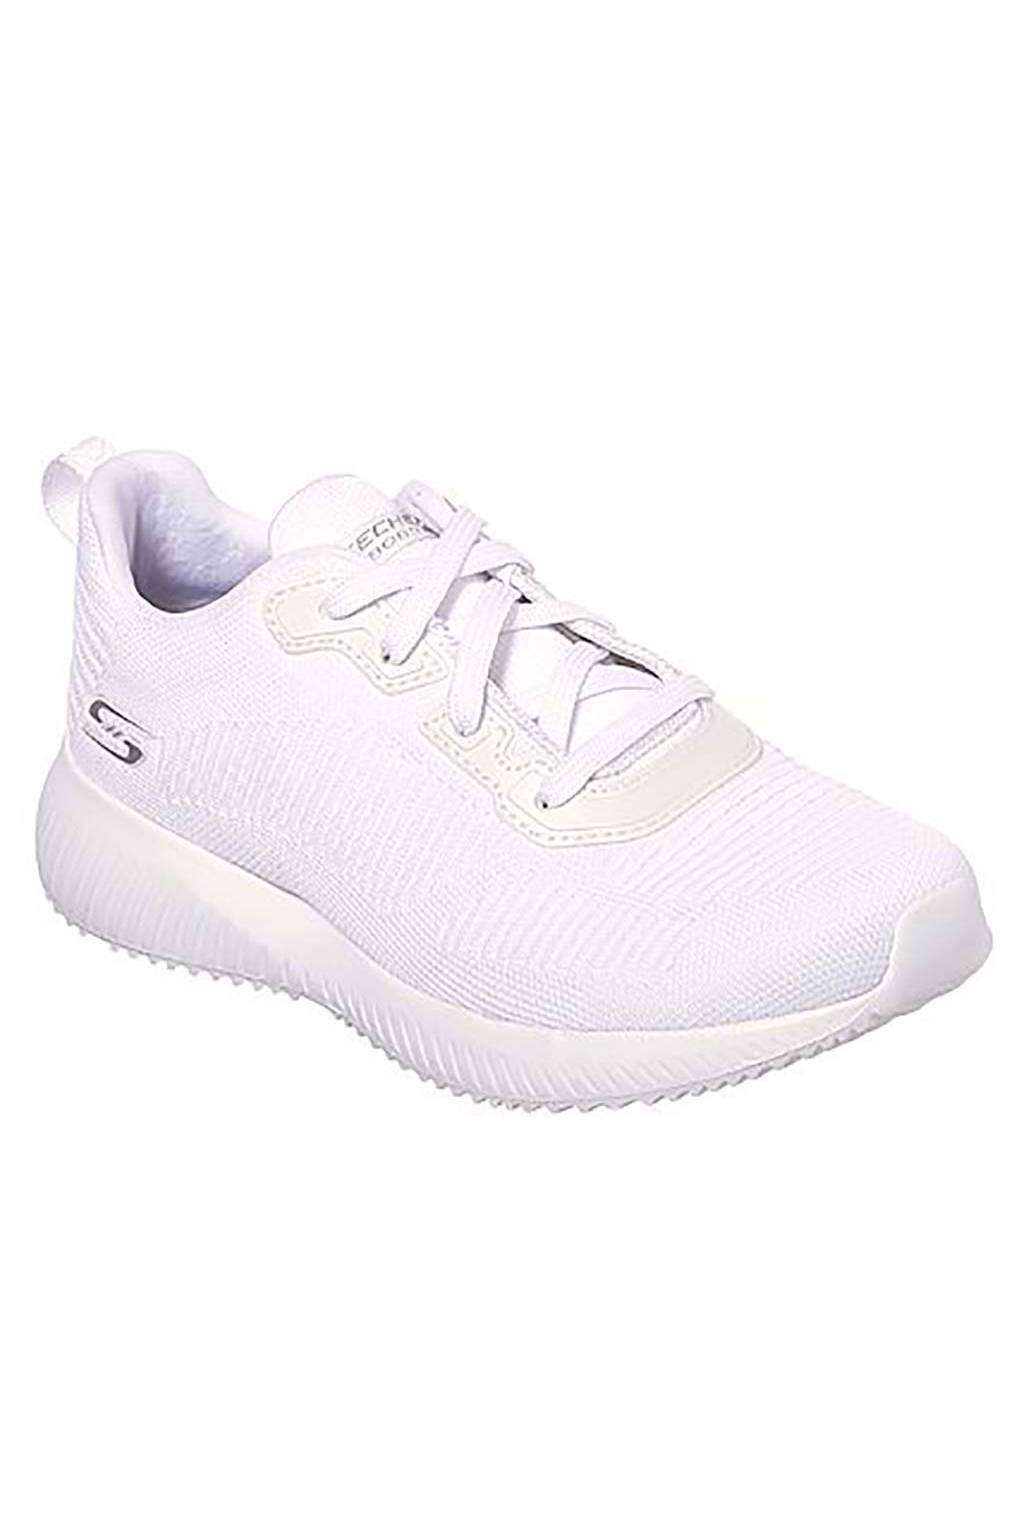 Chaussures femme Skechers Bobs Squad Tough Talk 32504 WHT medinapiel.es